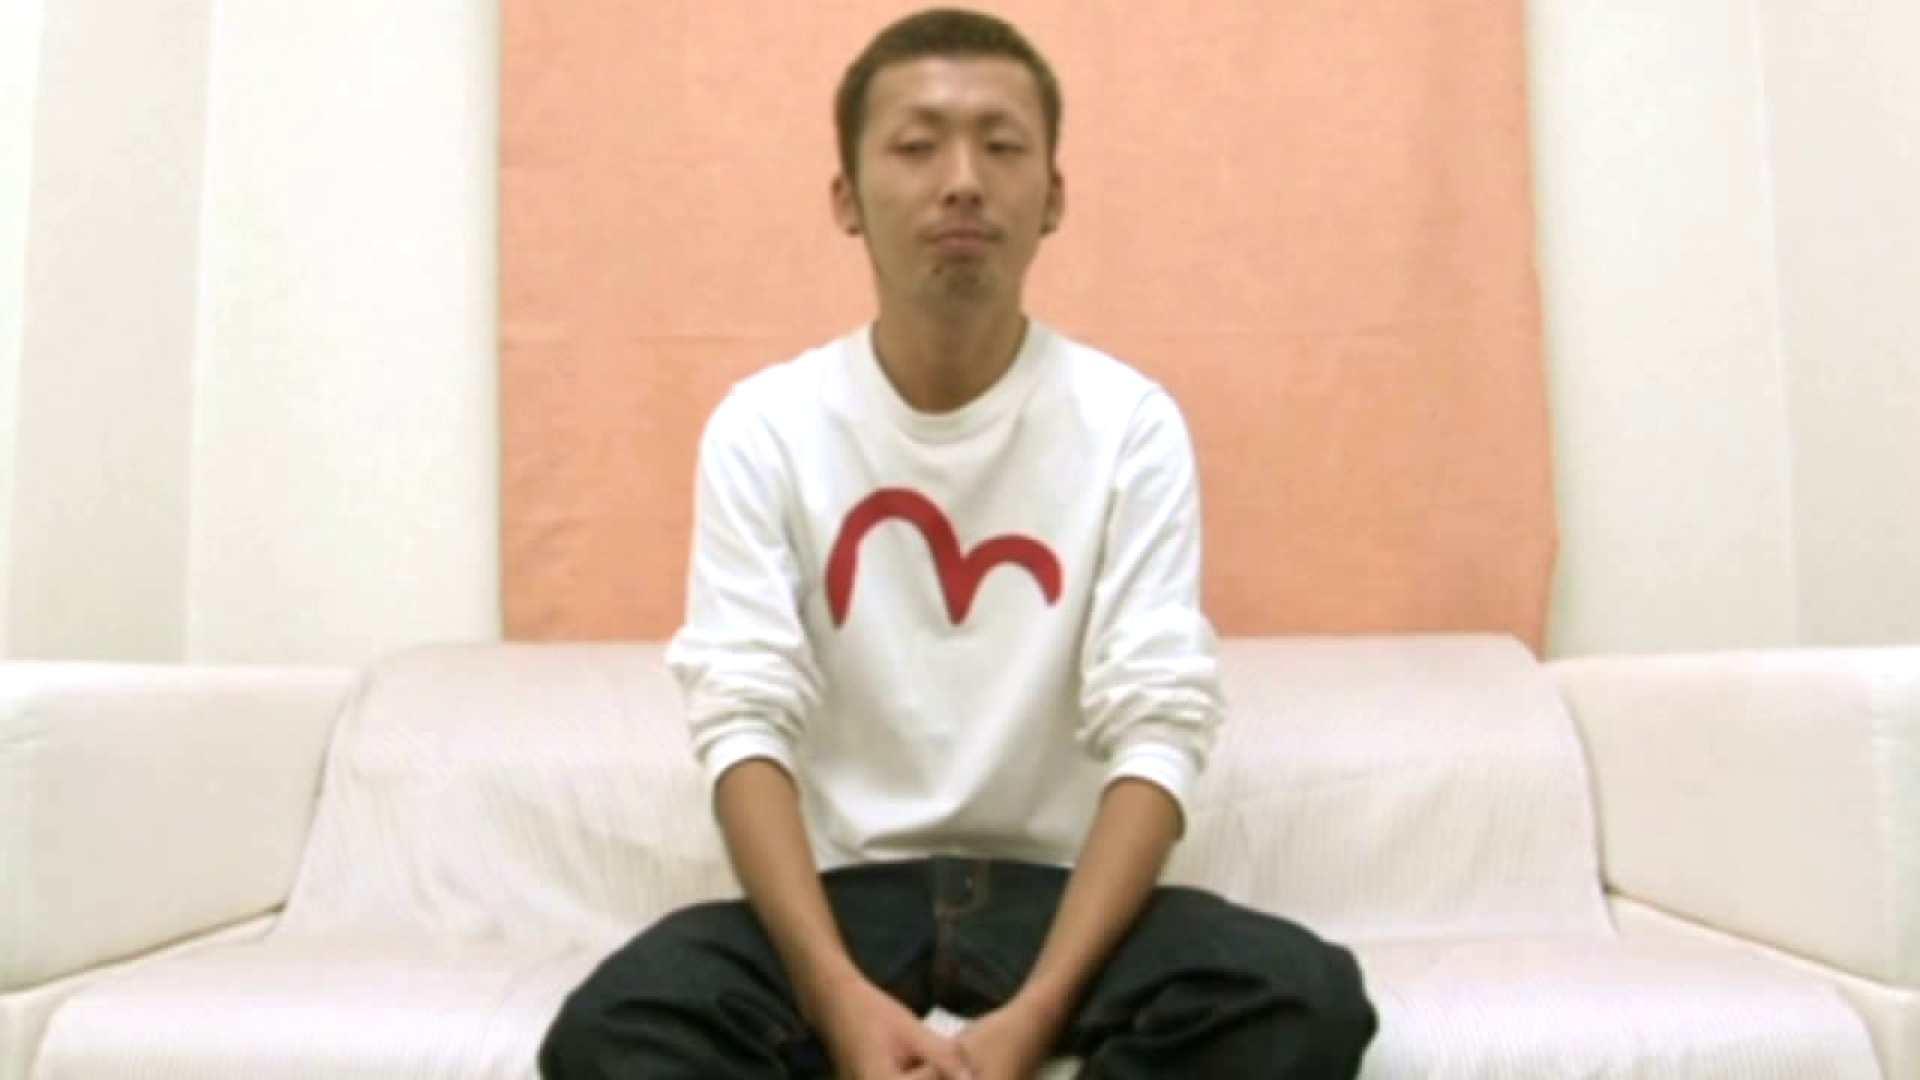 ノンケ!自慰スタジオ No.11 自慰 男同士画像 59画像 19